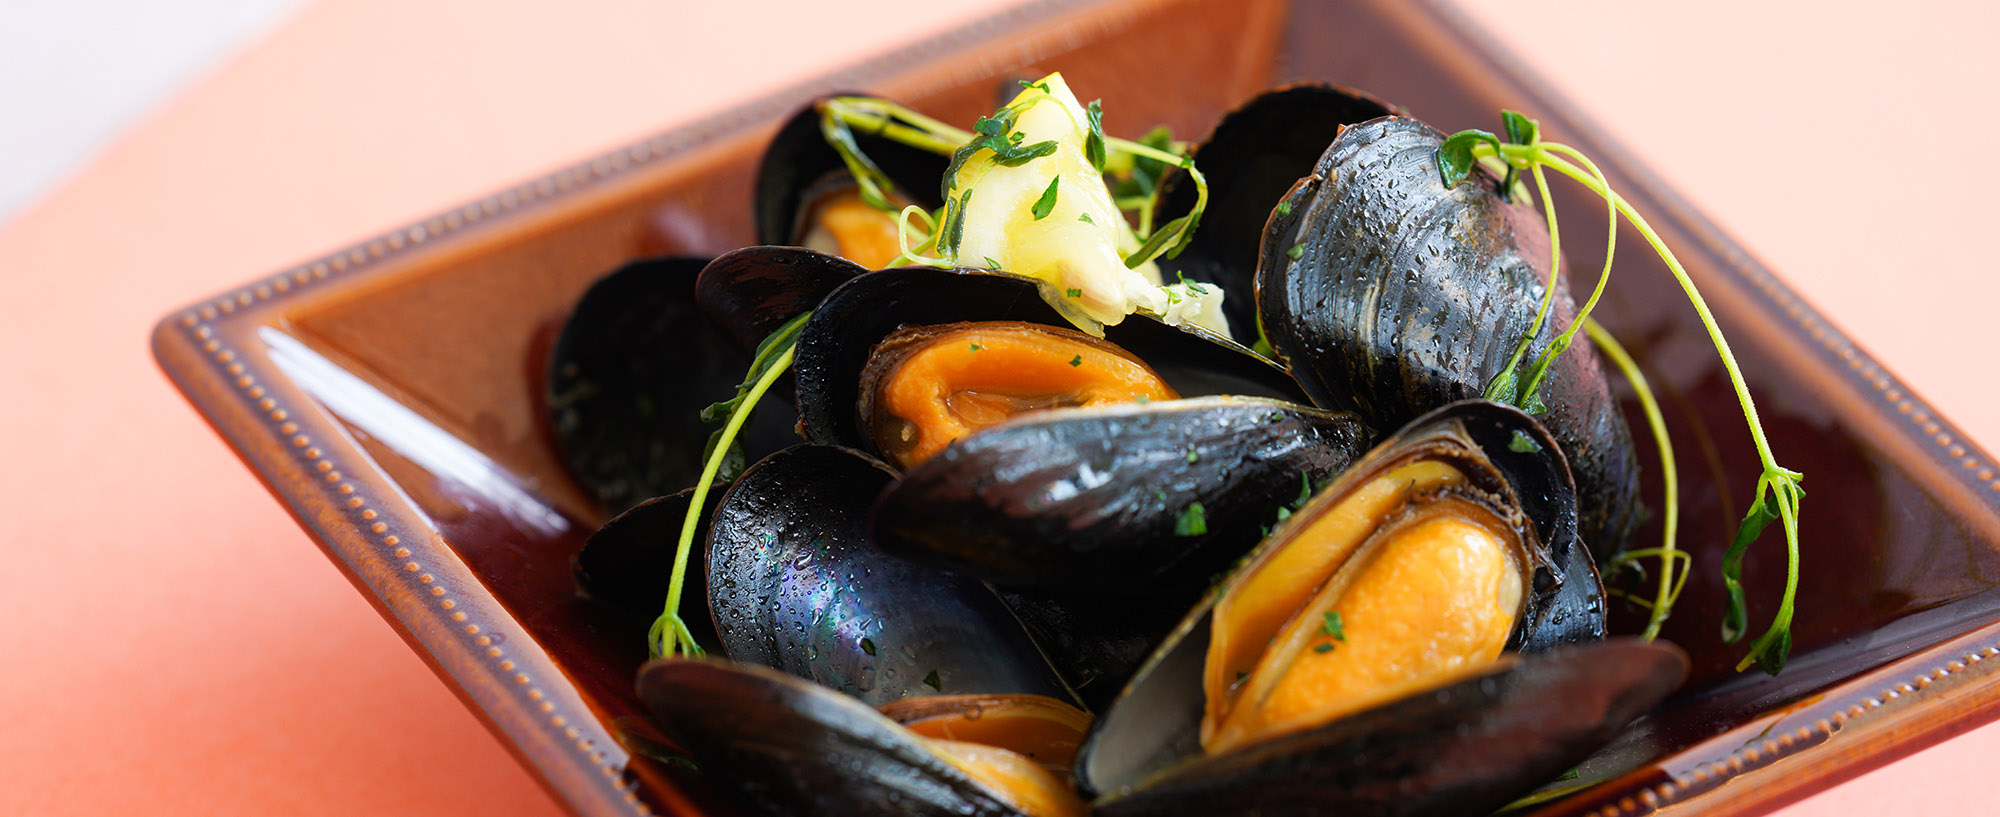 D.EのMENU : ムール貝の白ワイン蒸しの画像です。